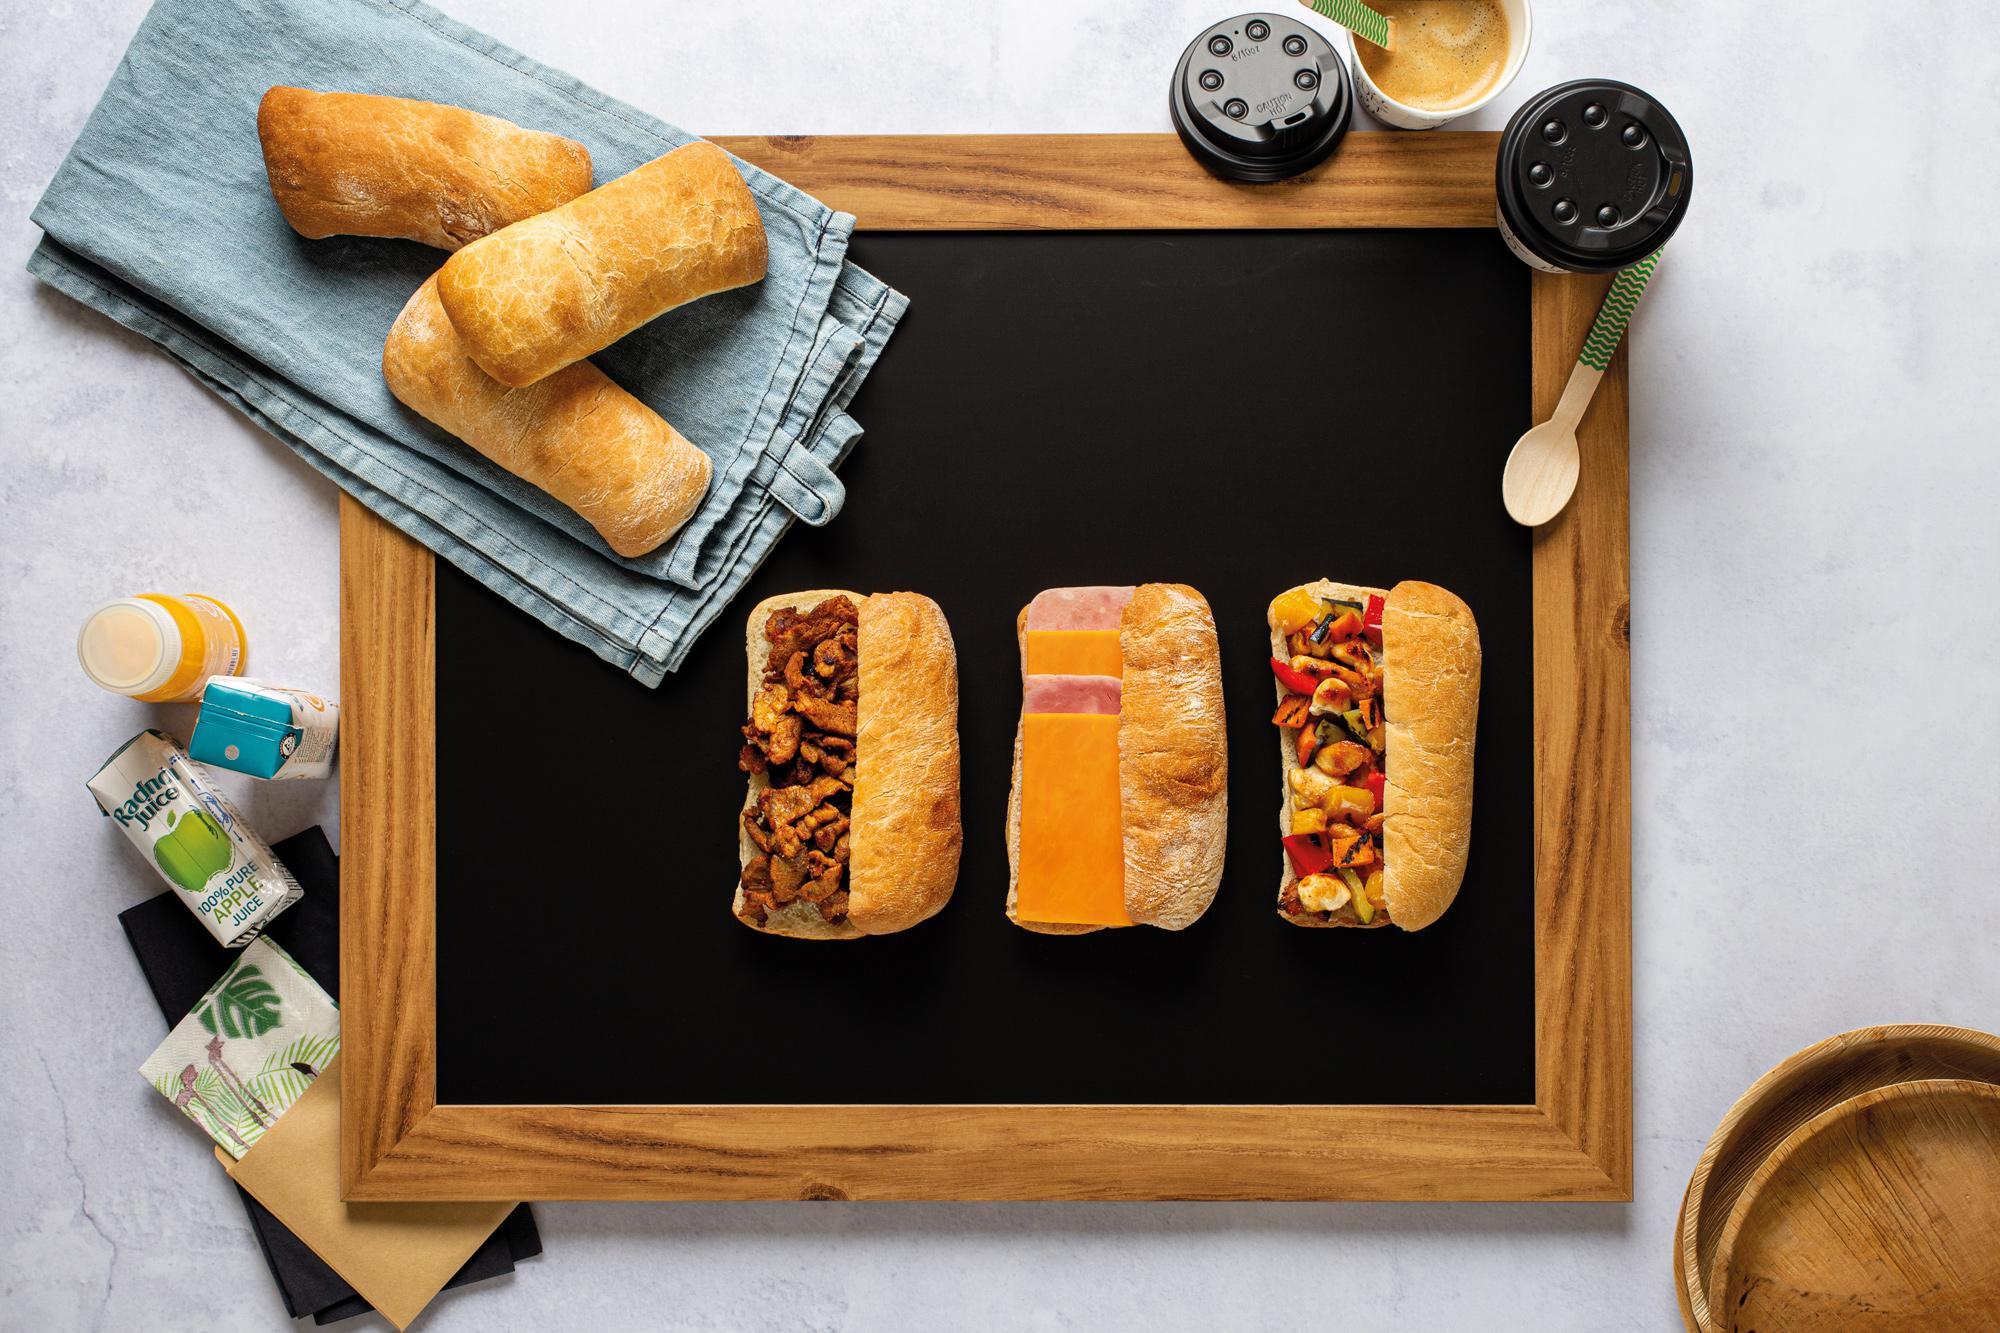 Travel snack panini to go